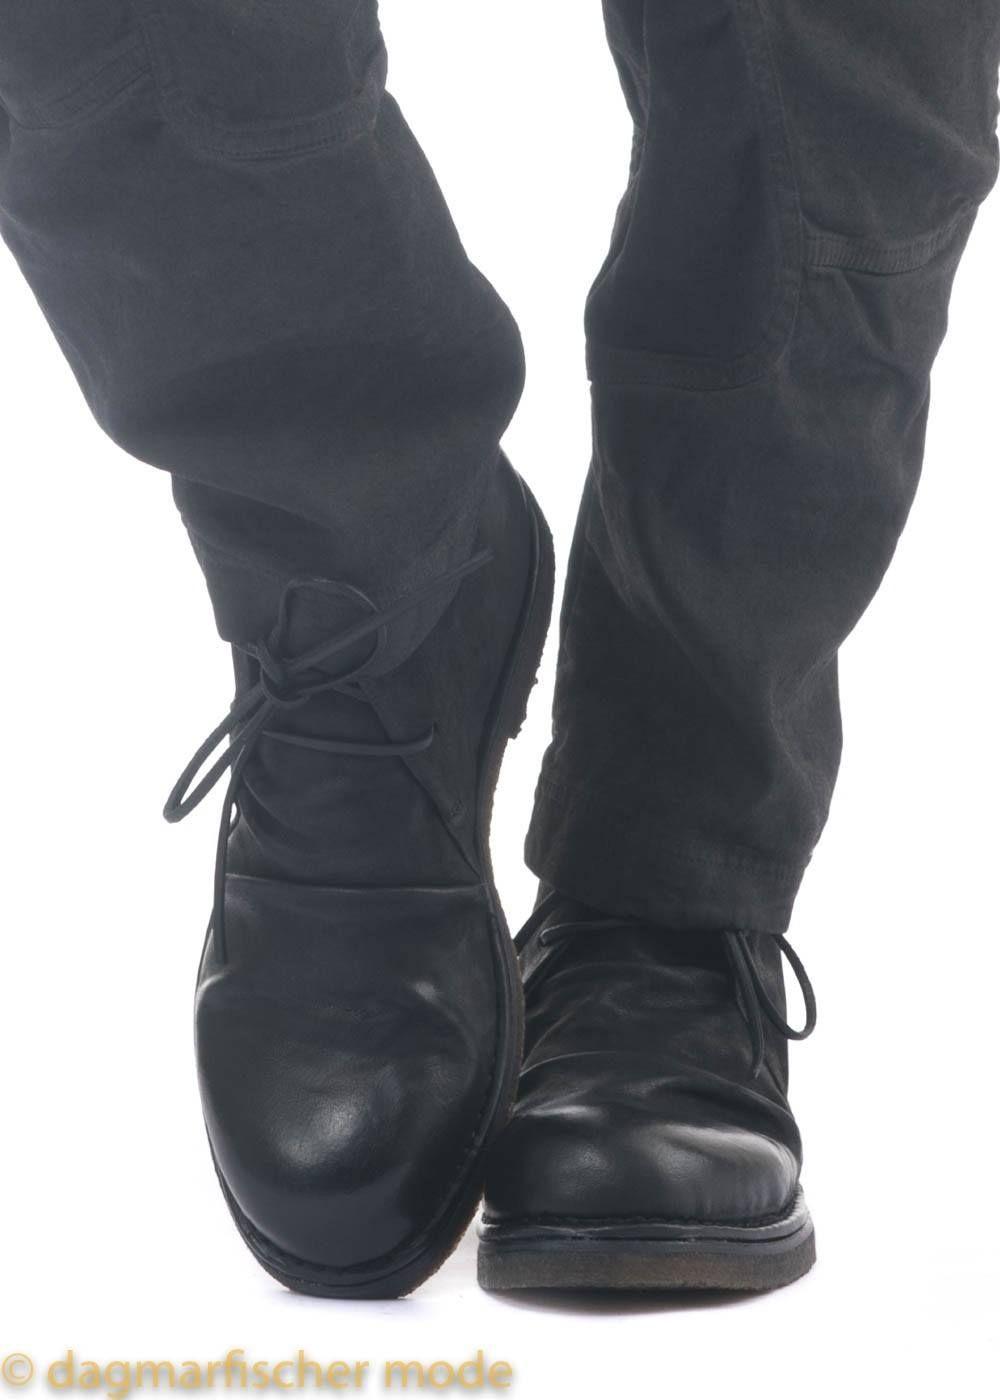 Schuh von RUNDHOLZ in travel dagmarfischer mode